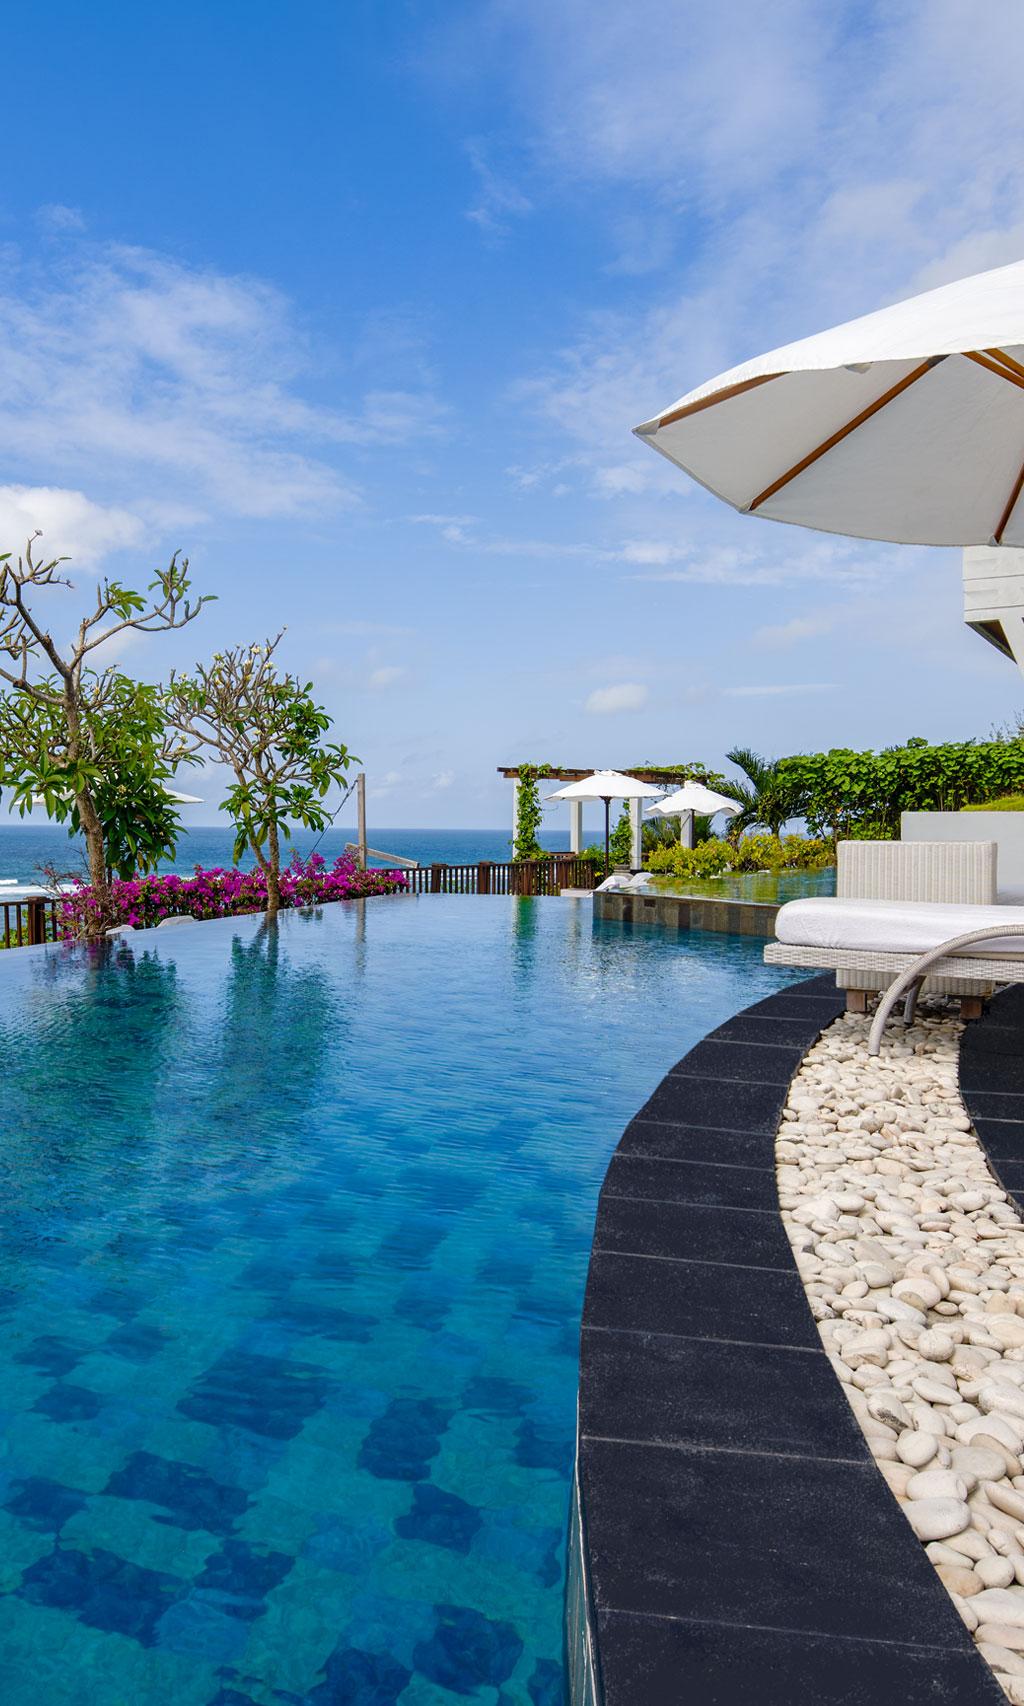 Bali Resort All Inclusive Luxury Bali Private Villas Nusa